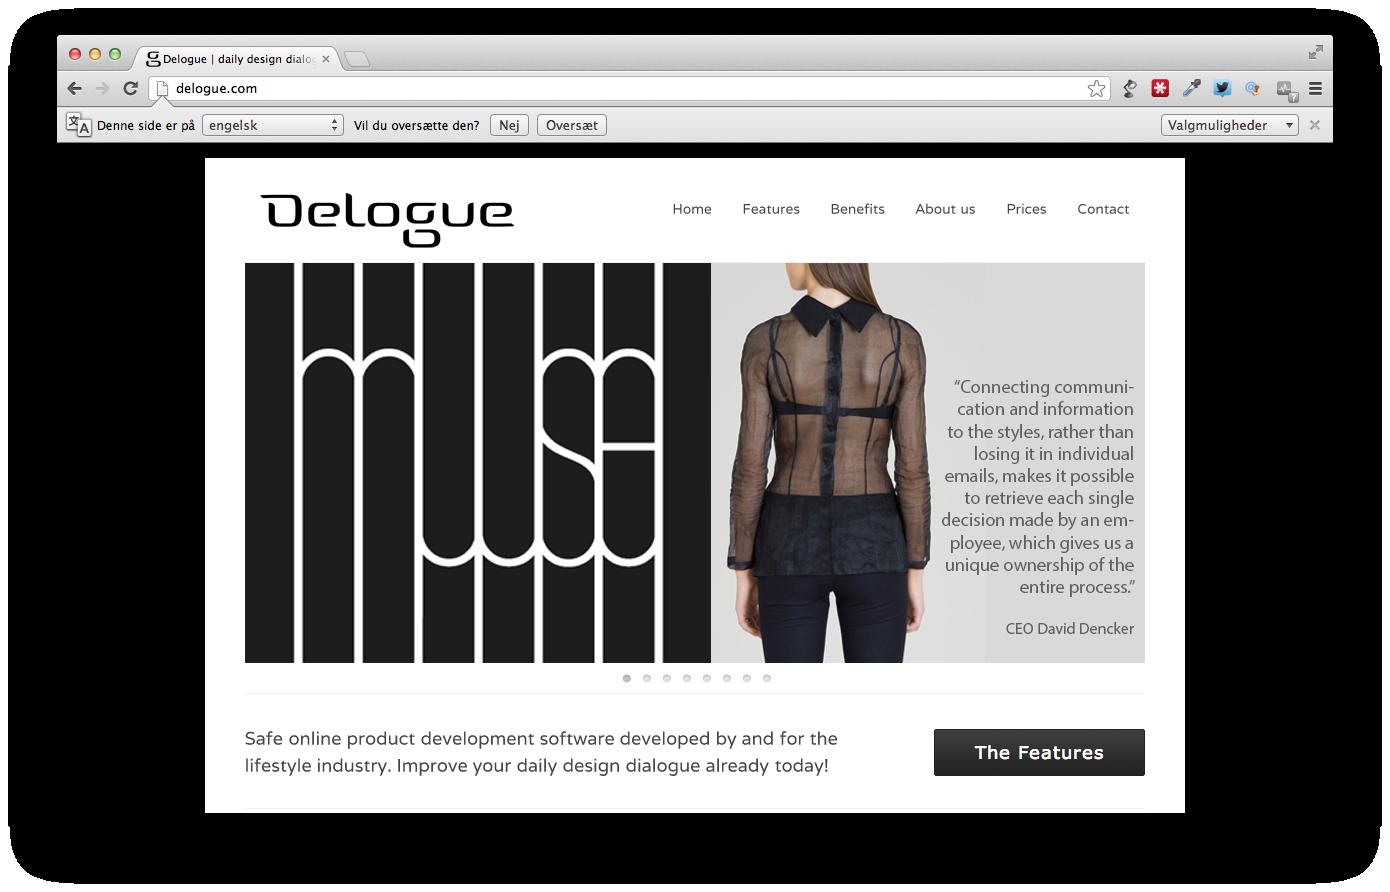 Det danske startup Delogue vil strukturere modebranchen